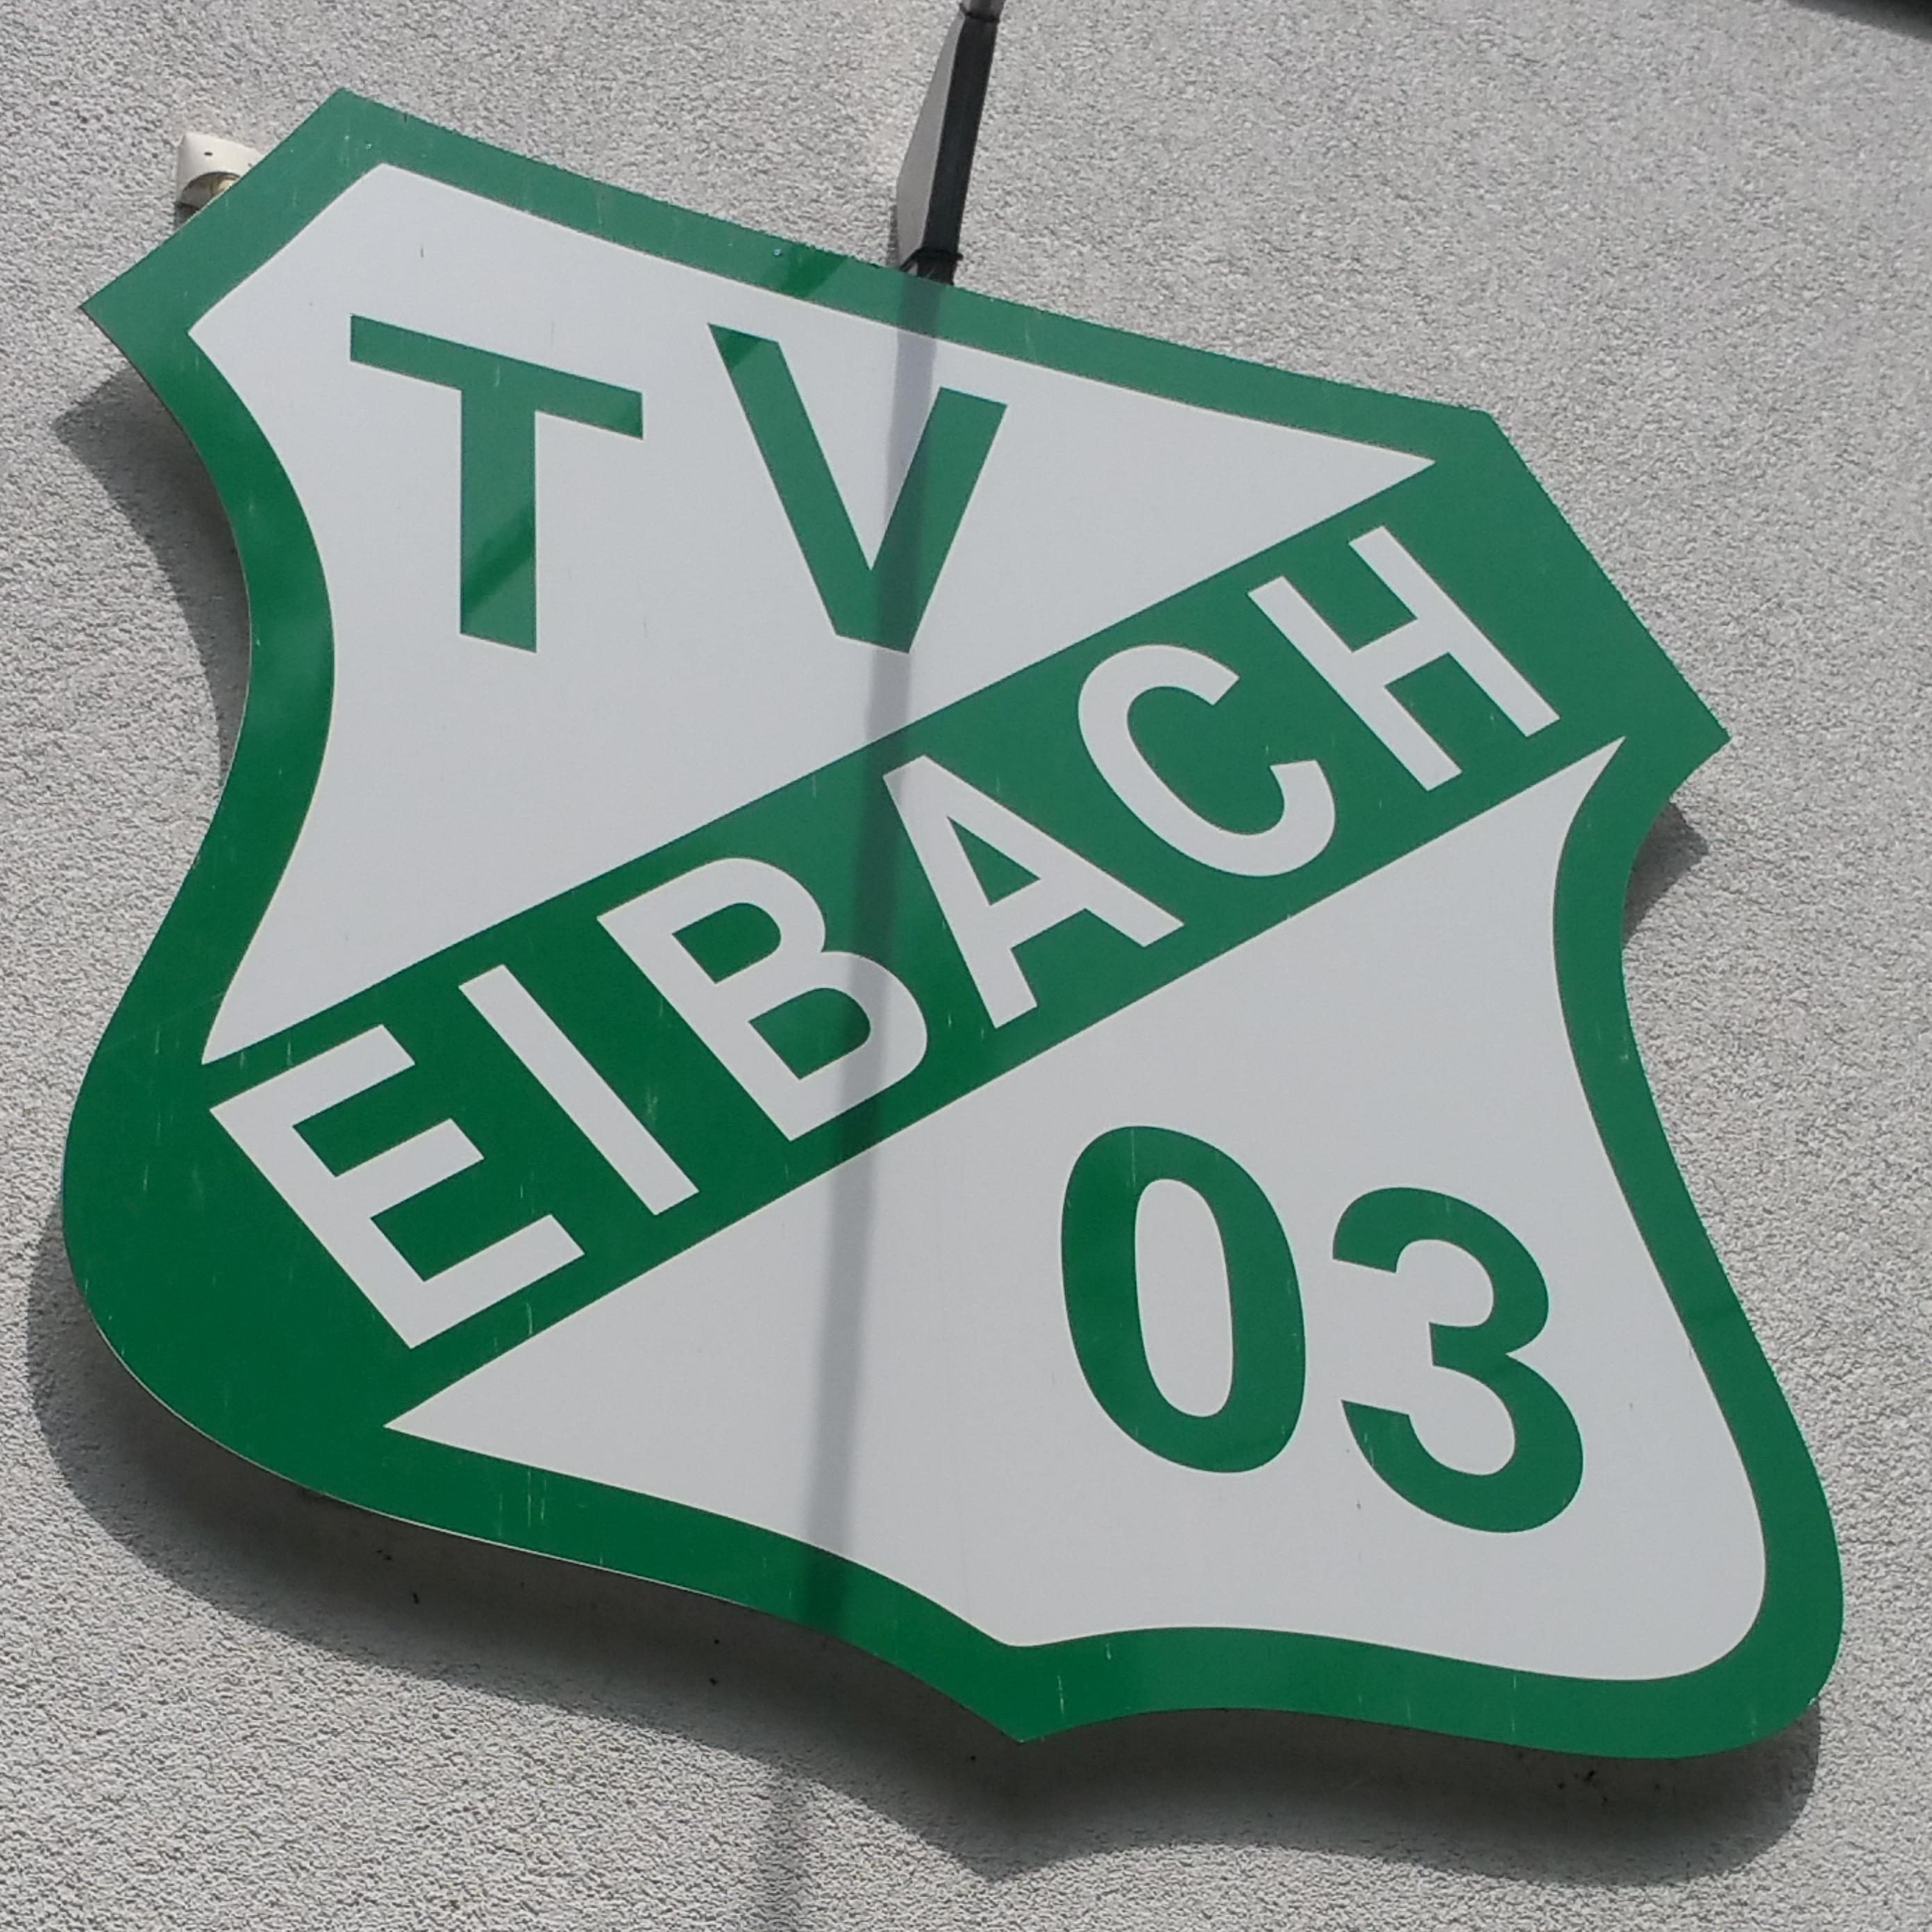 Eibach 03